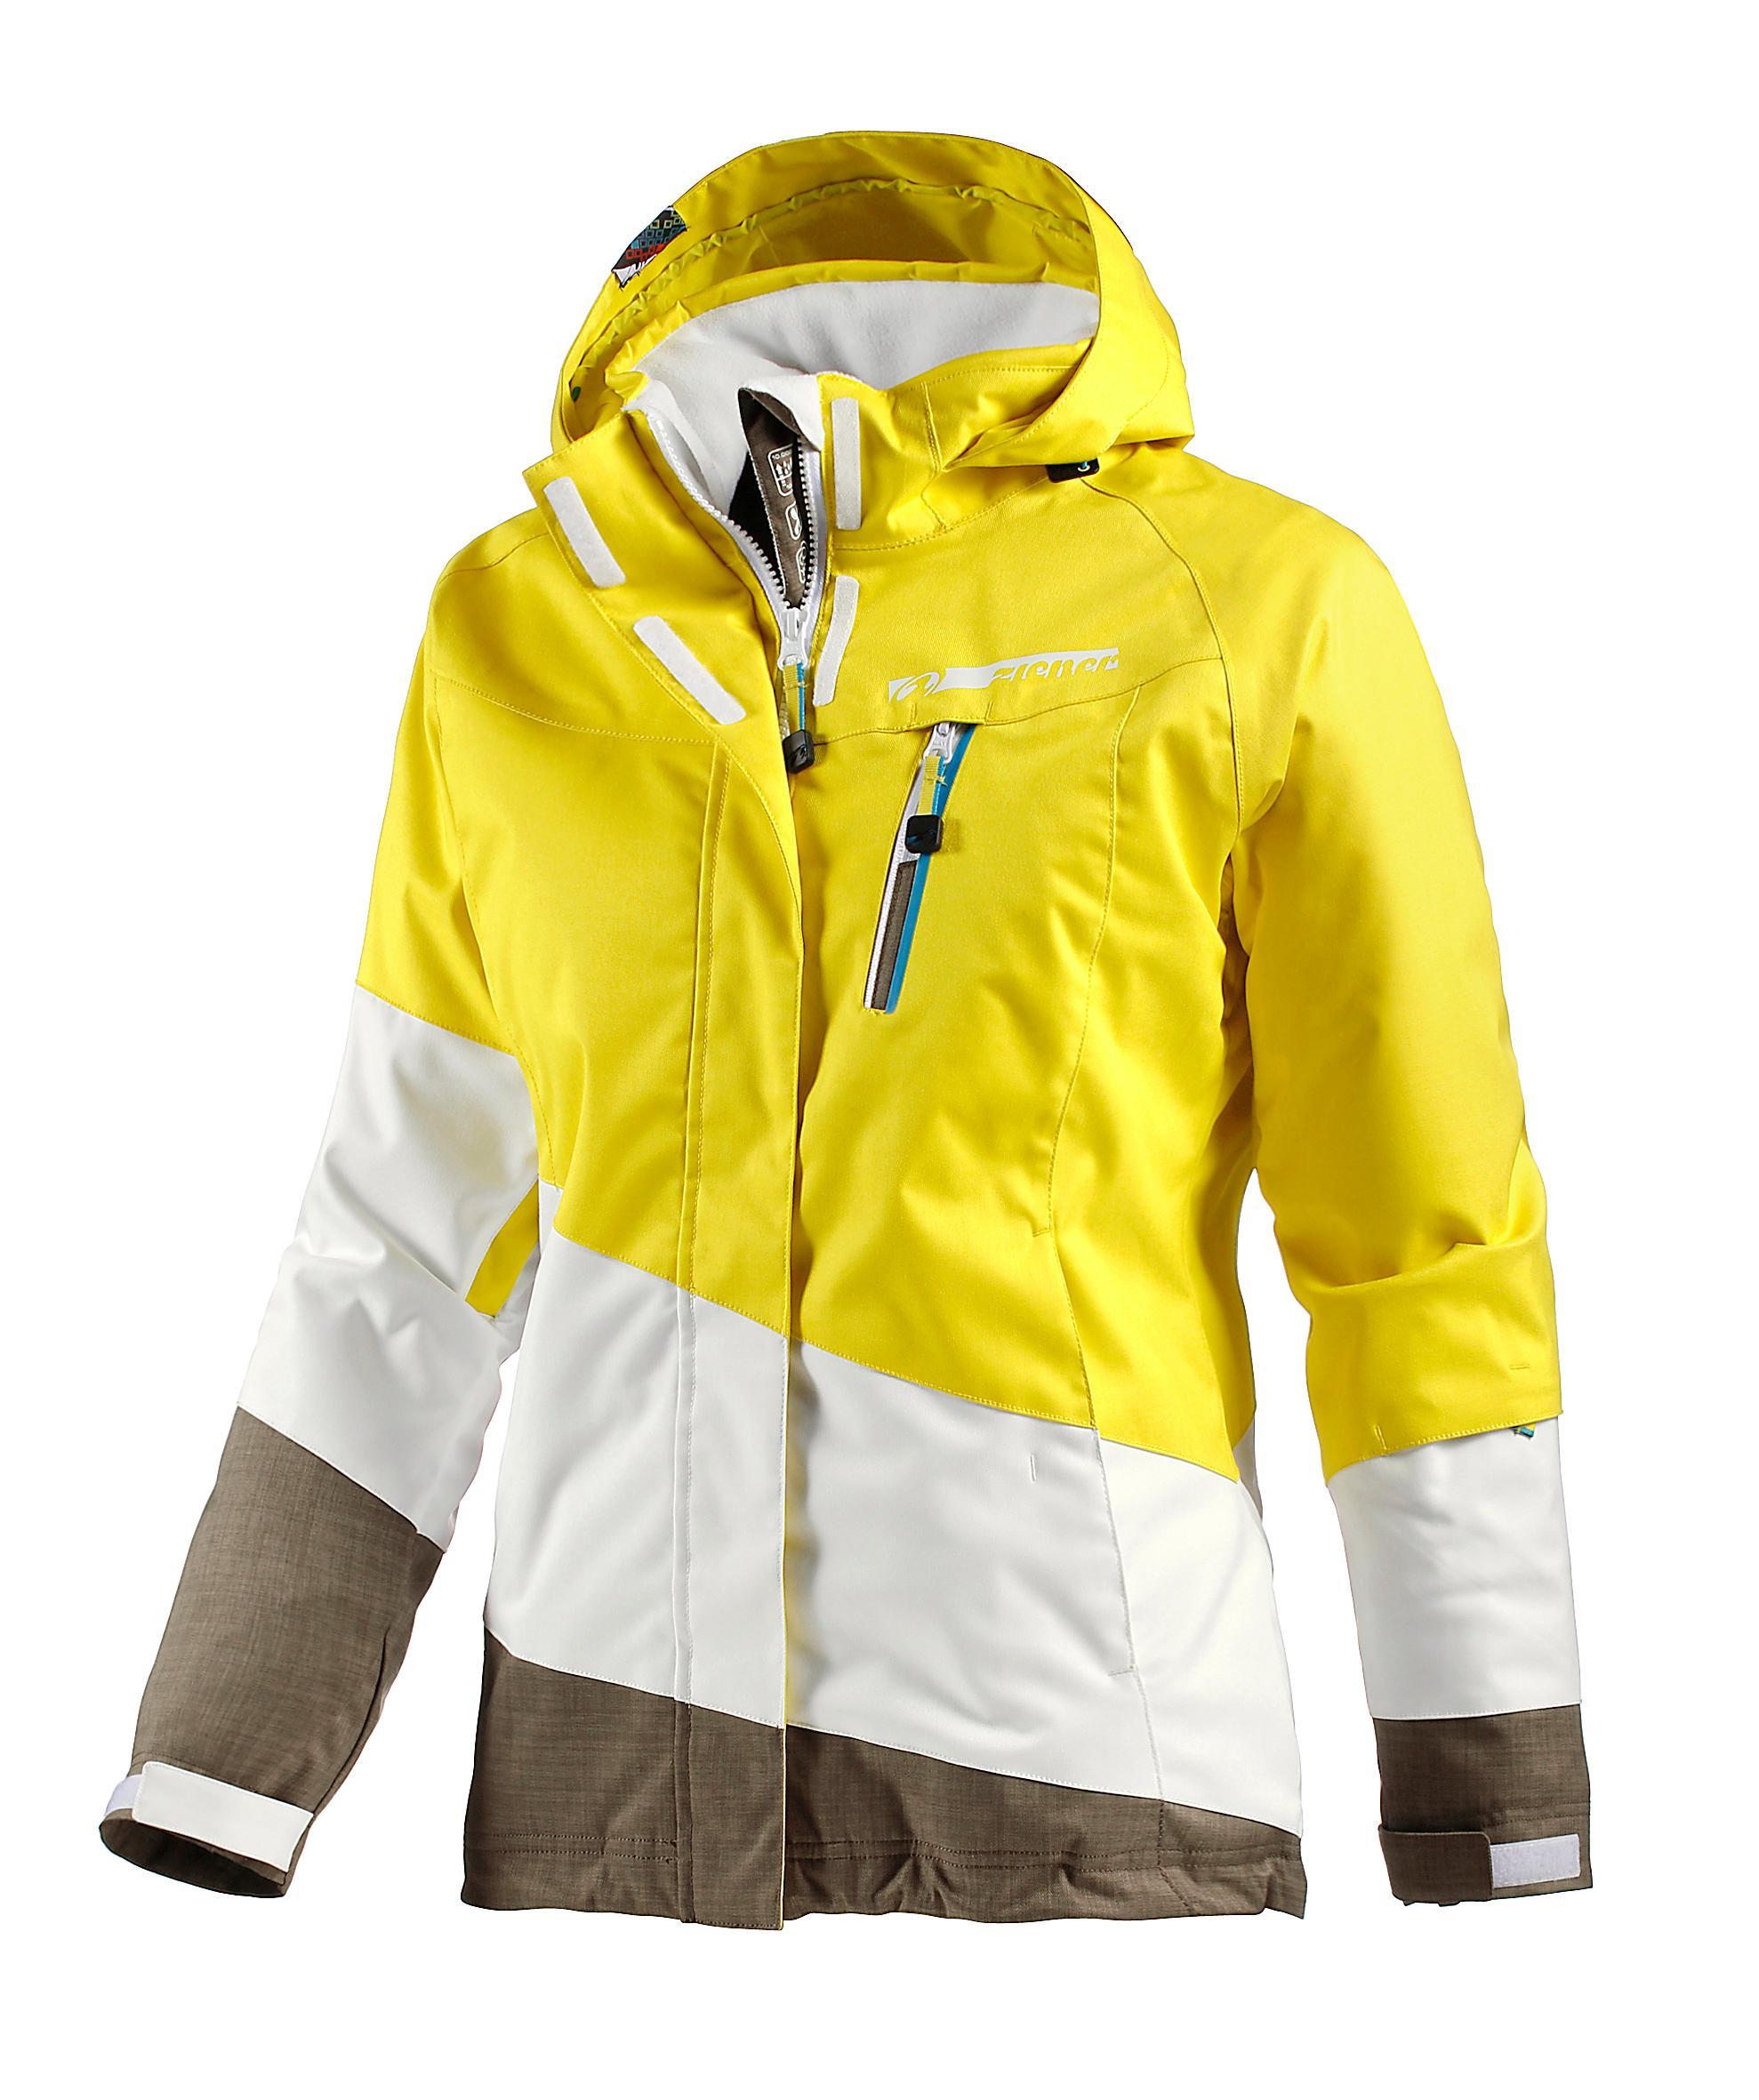 Ziener skijacke damen gelb